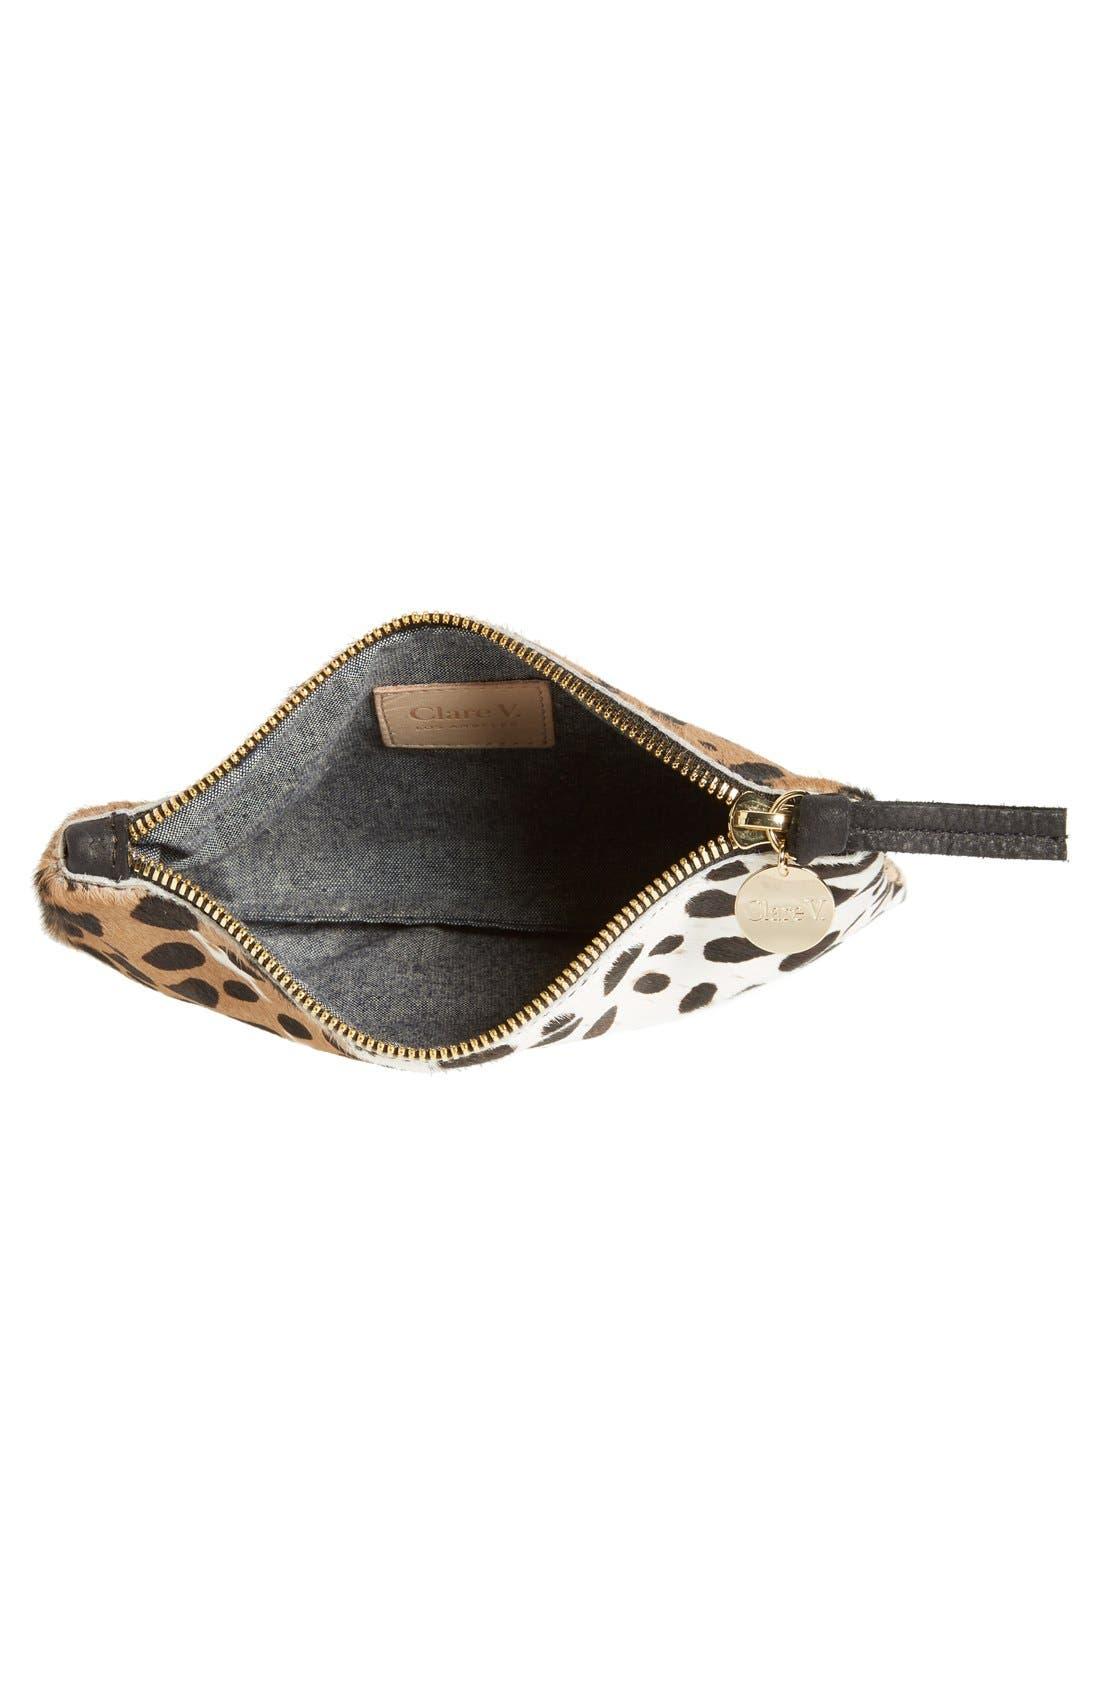 'Core' Leopard Print Genuine Calf Hair Pouch,                             Alternate thumbnail 4, color,                             Leopard